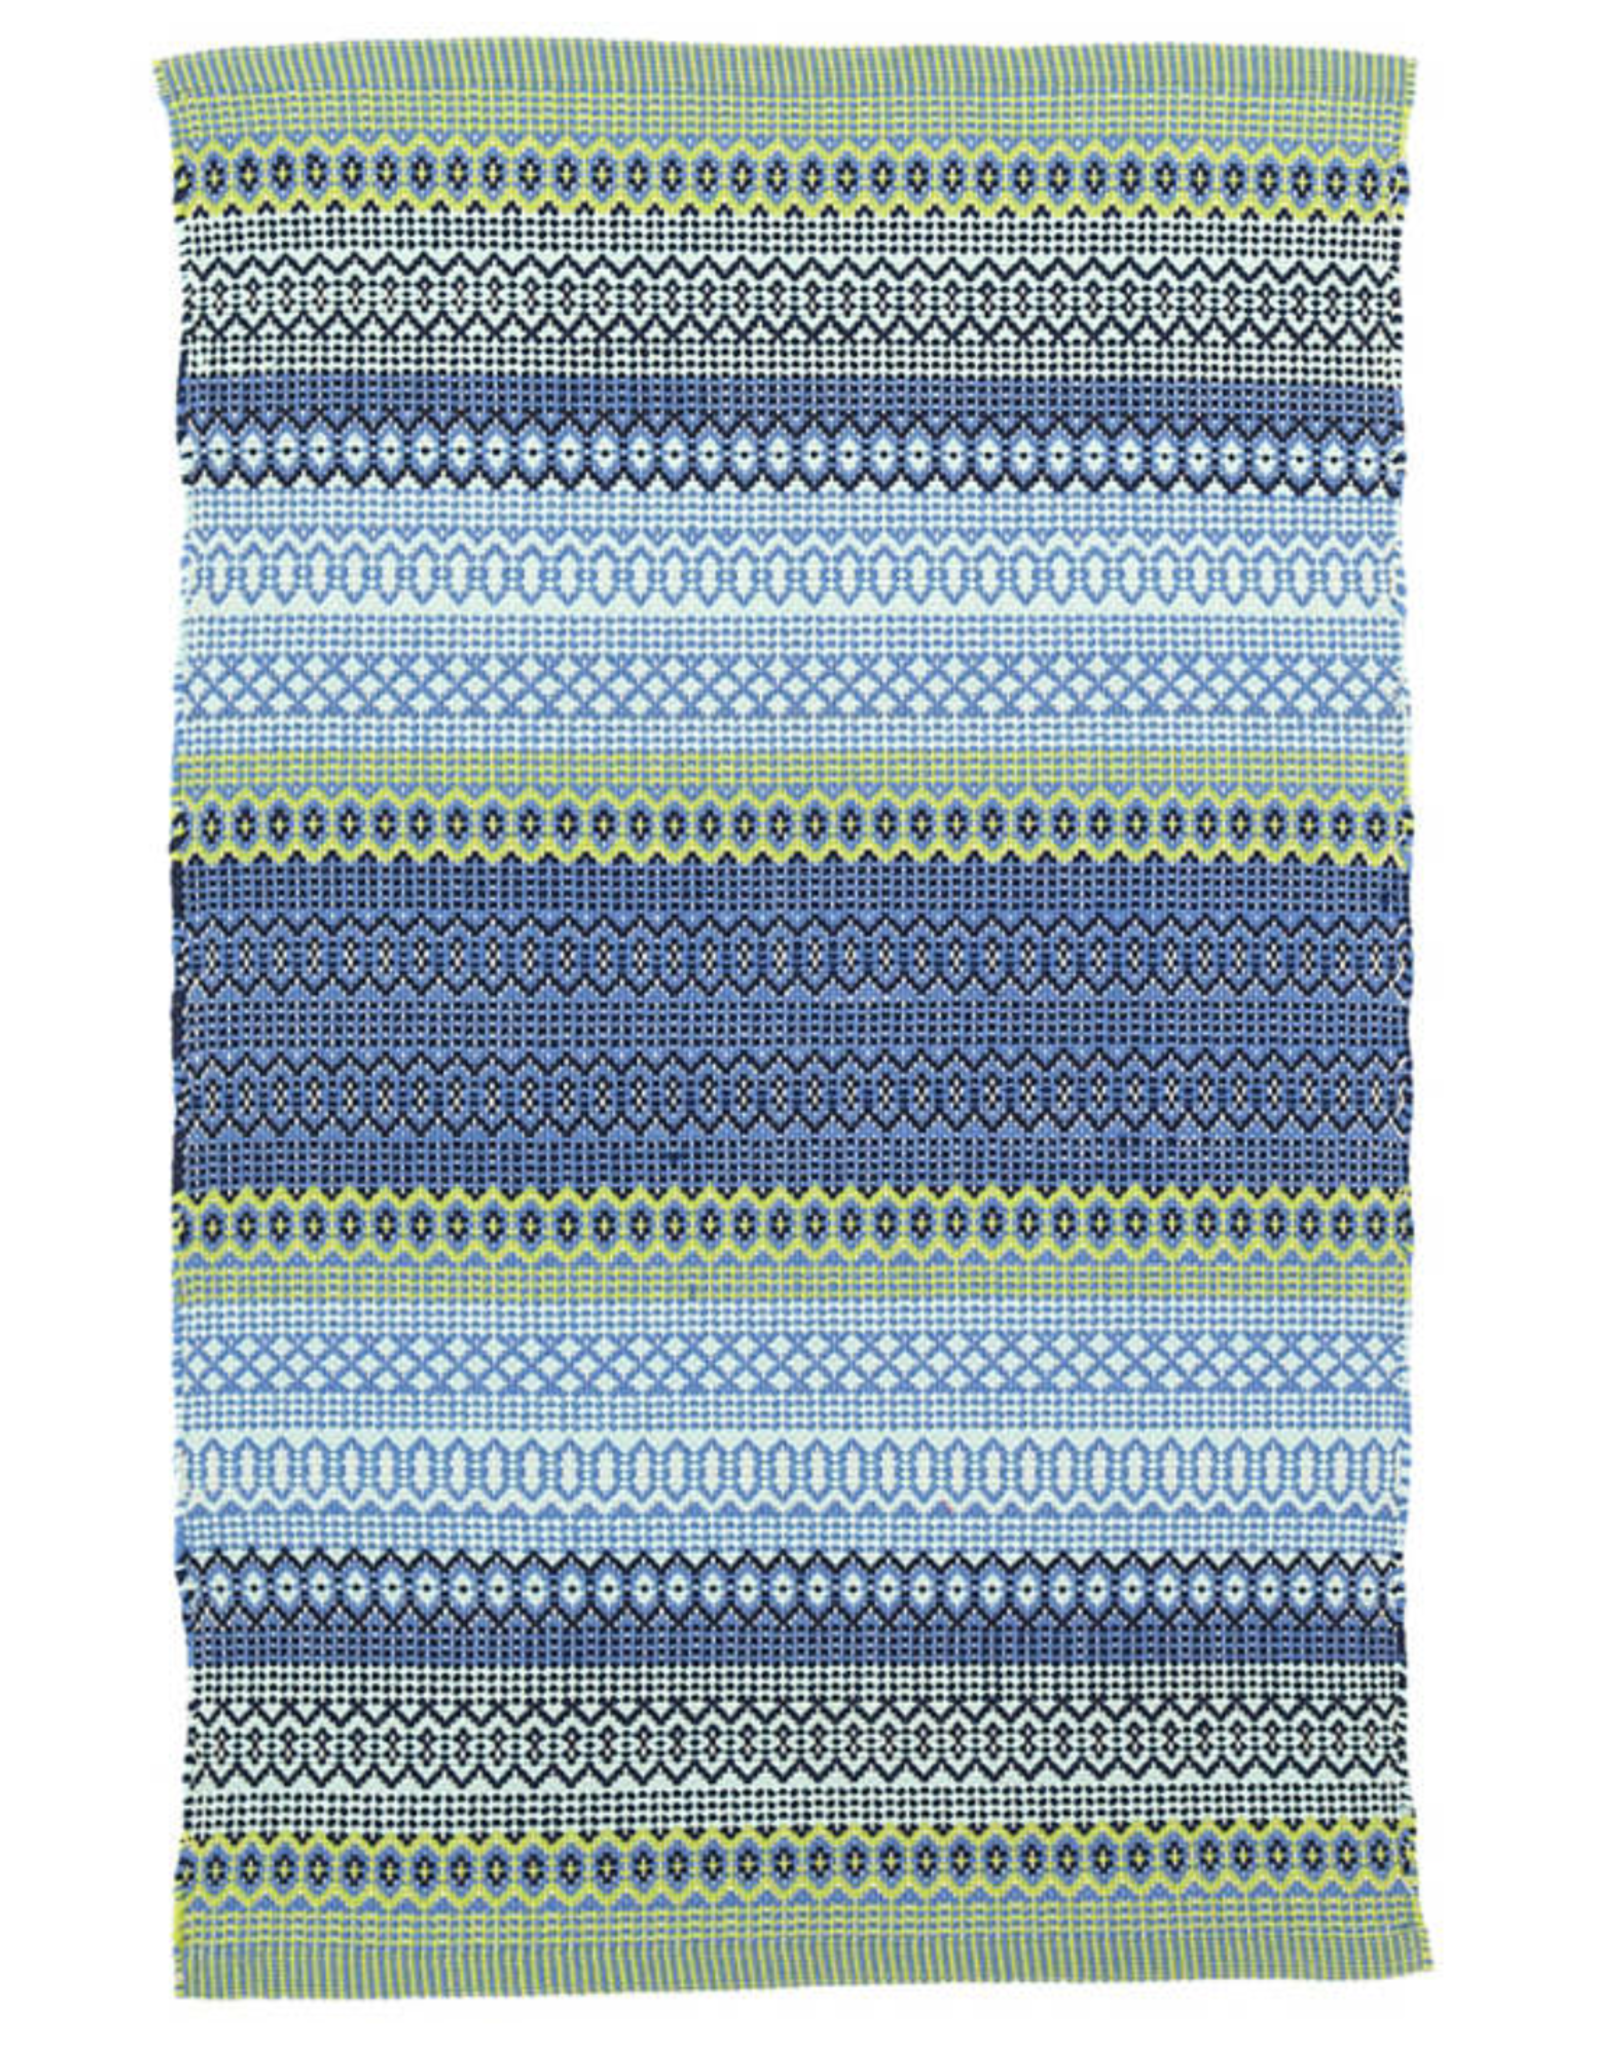 Rug Fiesta Stripe Multi 2x3